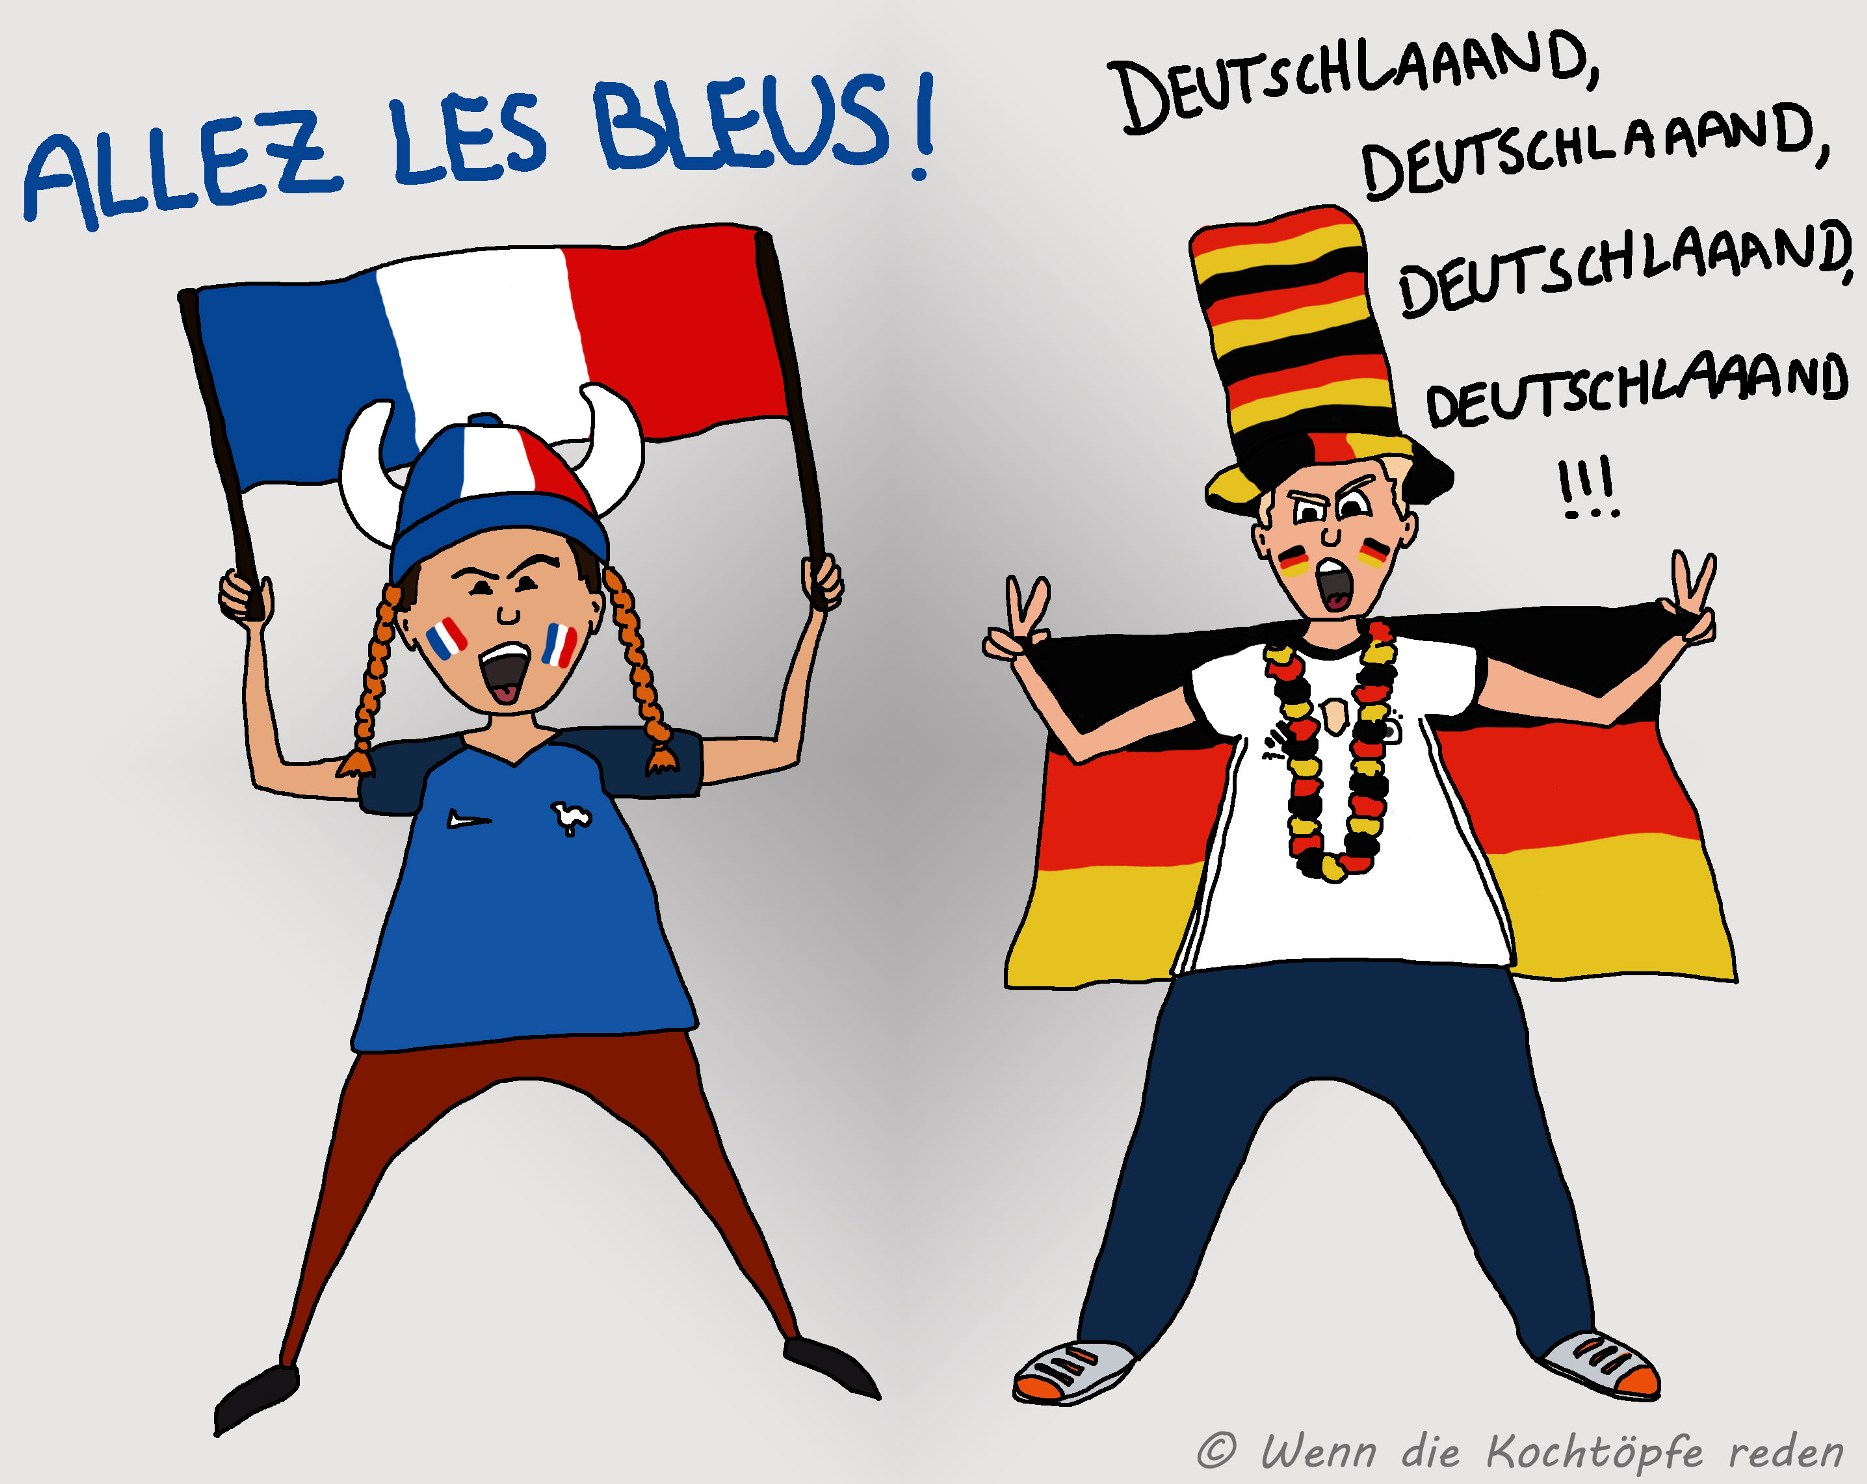 Fussballfans-supporter-france-deutschland_outfit